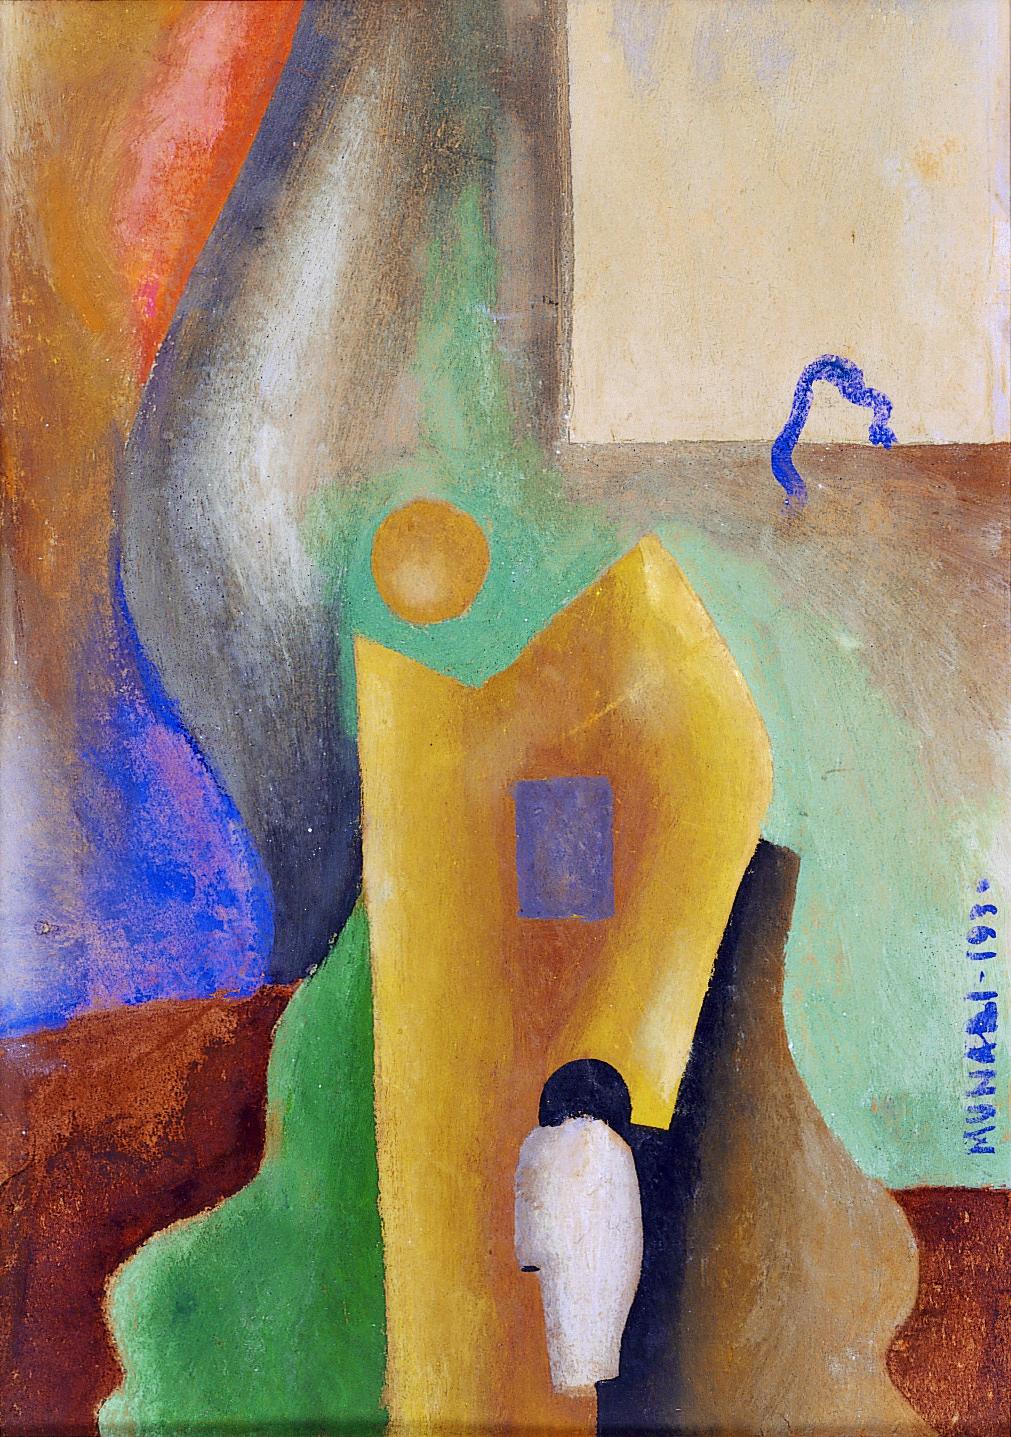 ブルーノ・ムナーリ 《無題》 1930年 カーサペルラルテ=パオロ・ミノーリ財団 (C) Bruno Munari. All rights reserved to Maurizio Corraini srl. Courtesy by Alberto Munari